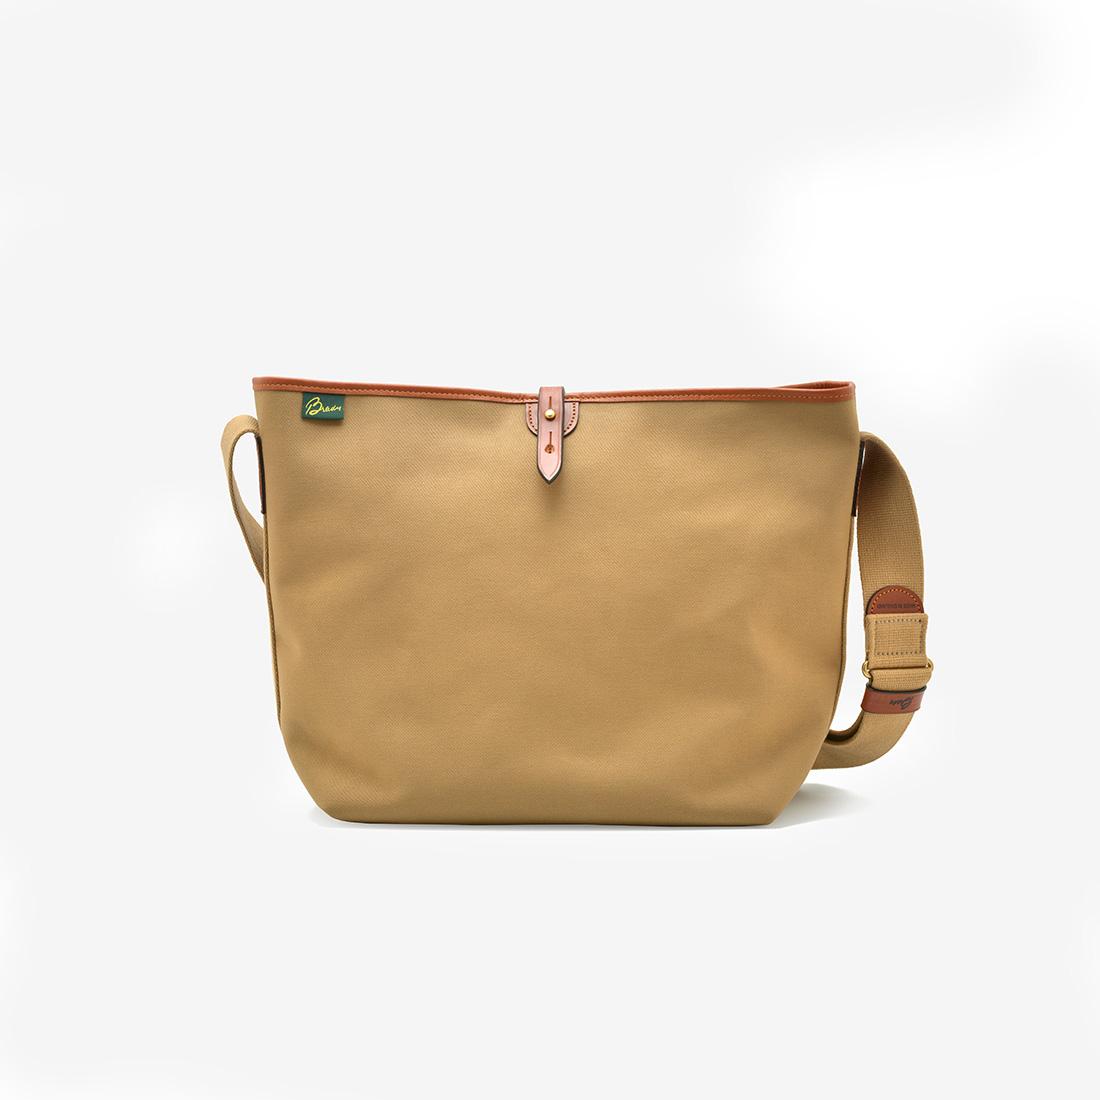 Kinross Shoulder / Tote Bag